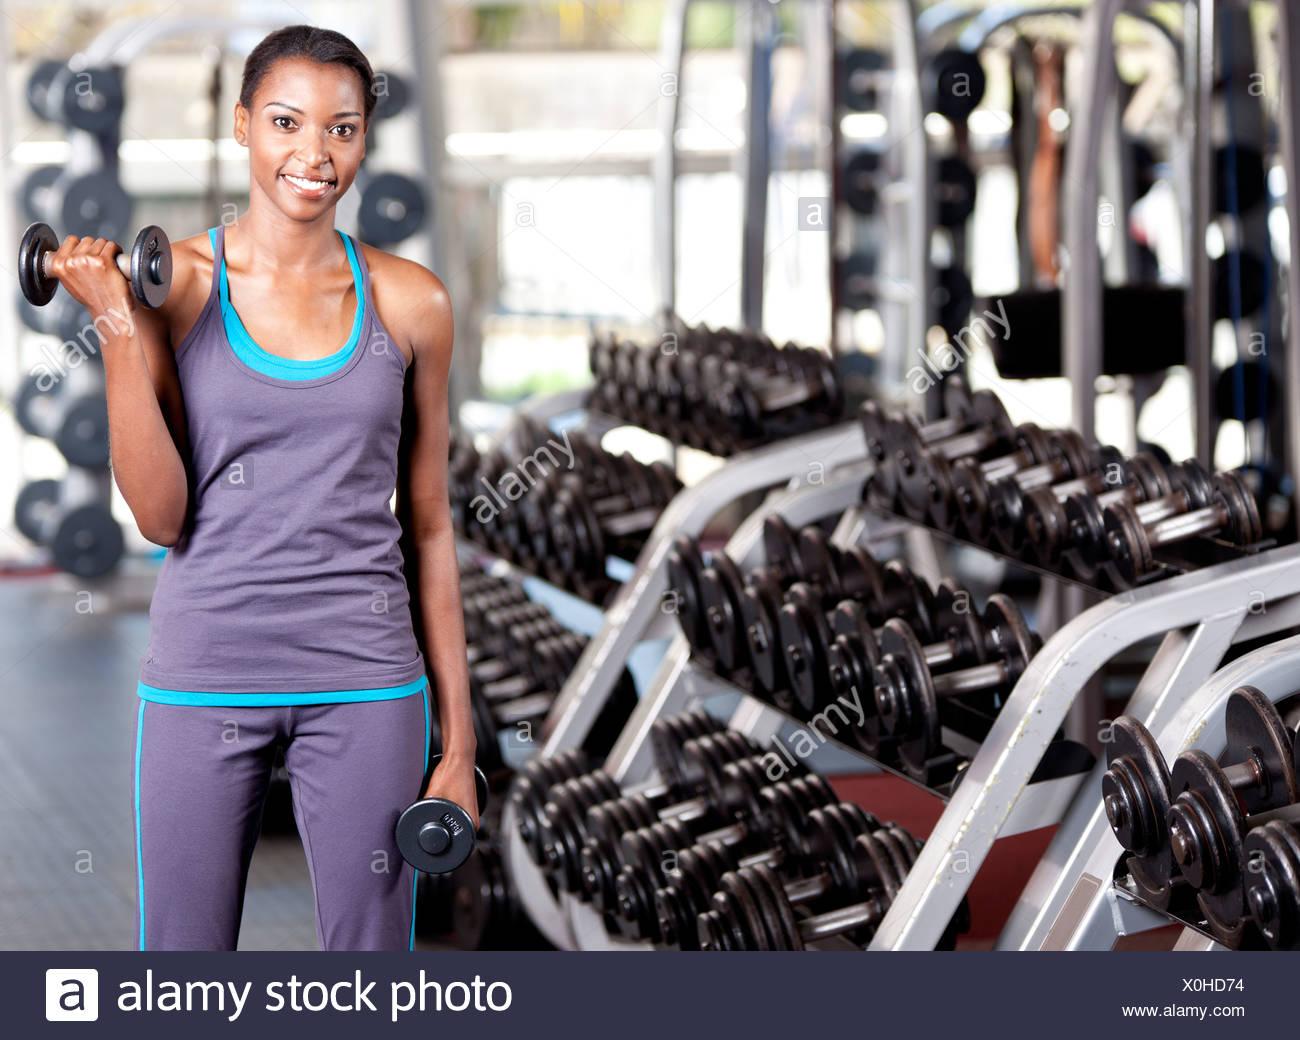 Giovane femmina nero di sollevare i pesi nella palestra Immagini Stock